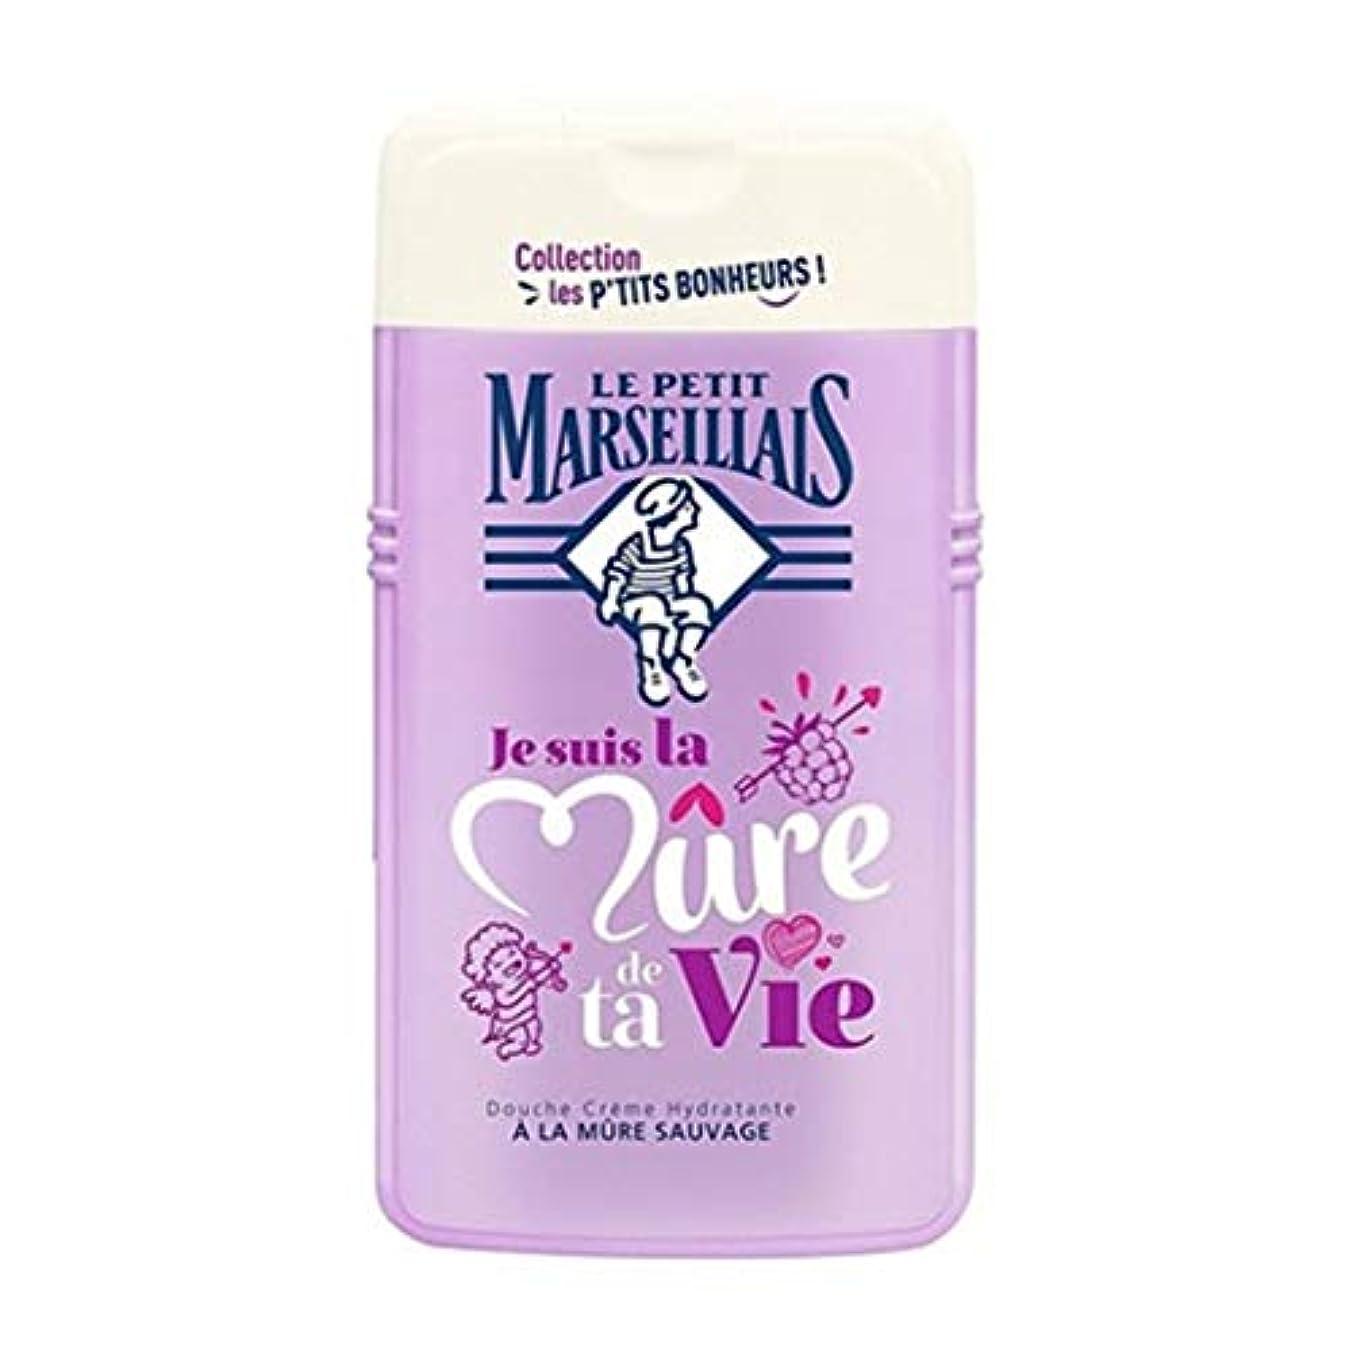 ペンダント可能倉庫「ブラックベリー」シャワークリーム ???? フランスの「ル?プティ?マルセイユ (Le Petit Marseillais)」 les P'TITS BONHEURS 250ml ボディウォッシュ